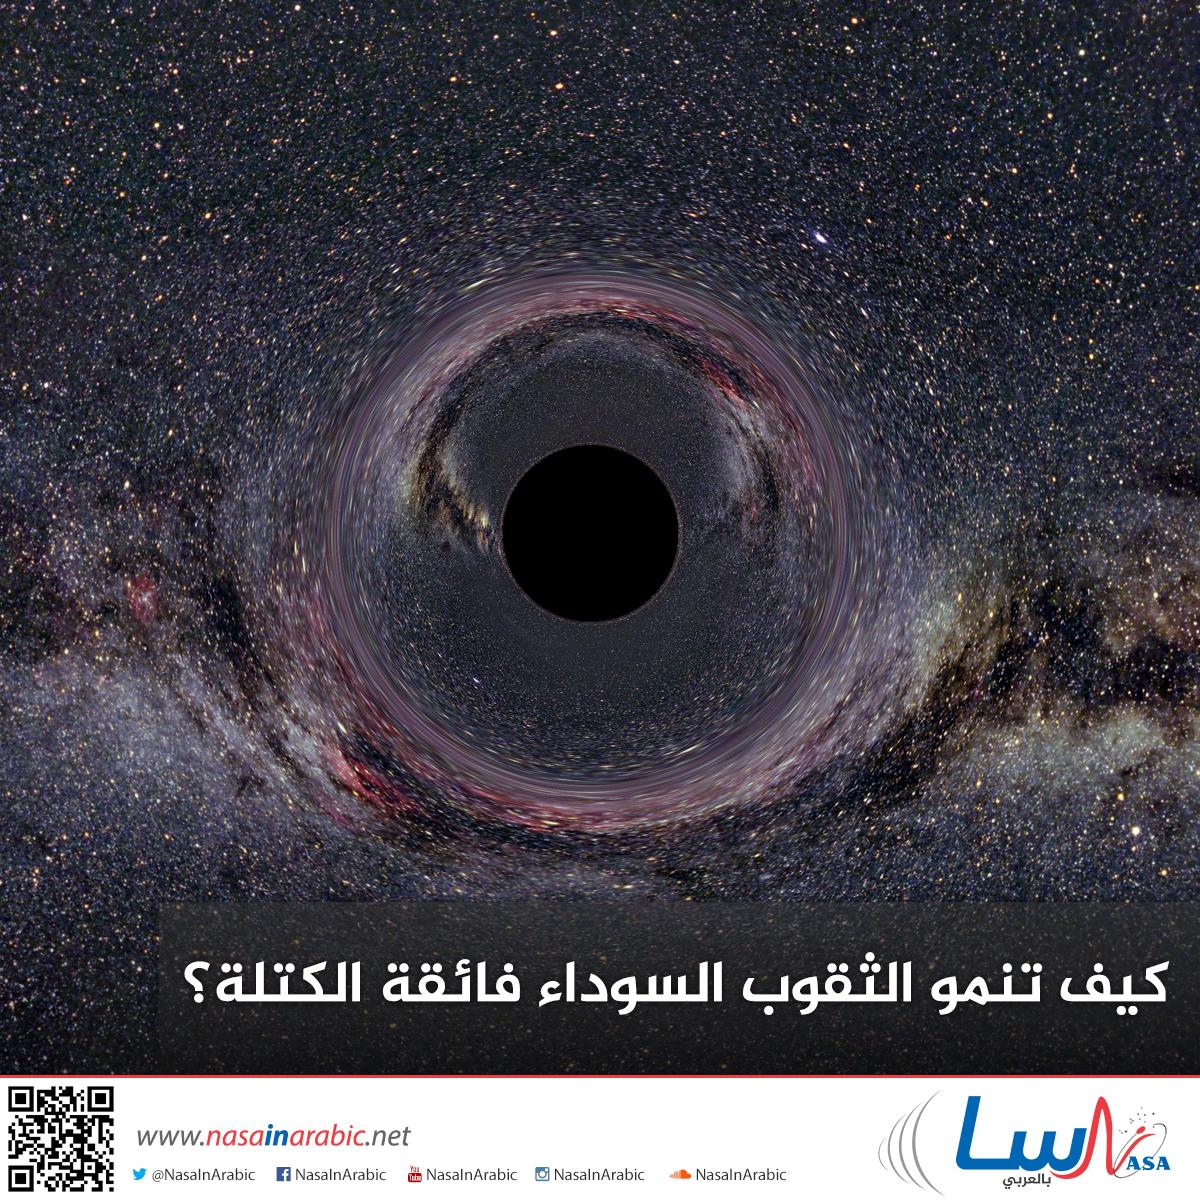 كيف تنمو الثقوب السوداء فائقة الكتلة؟